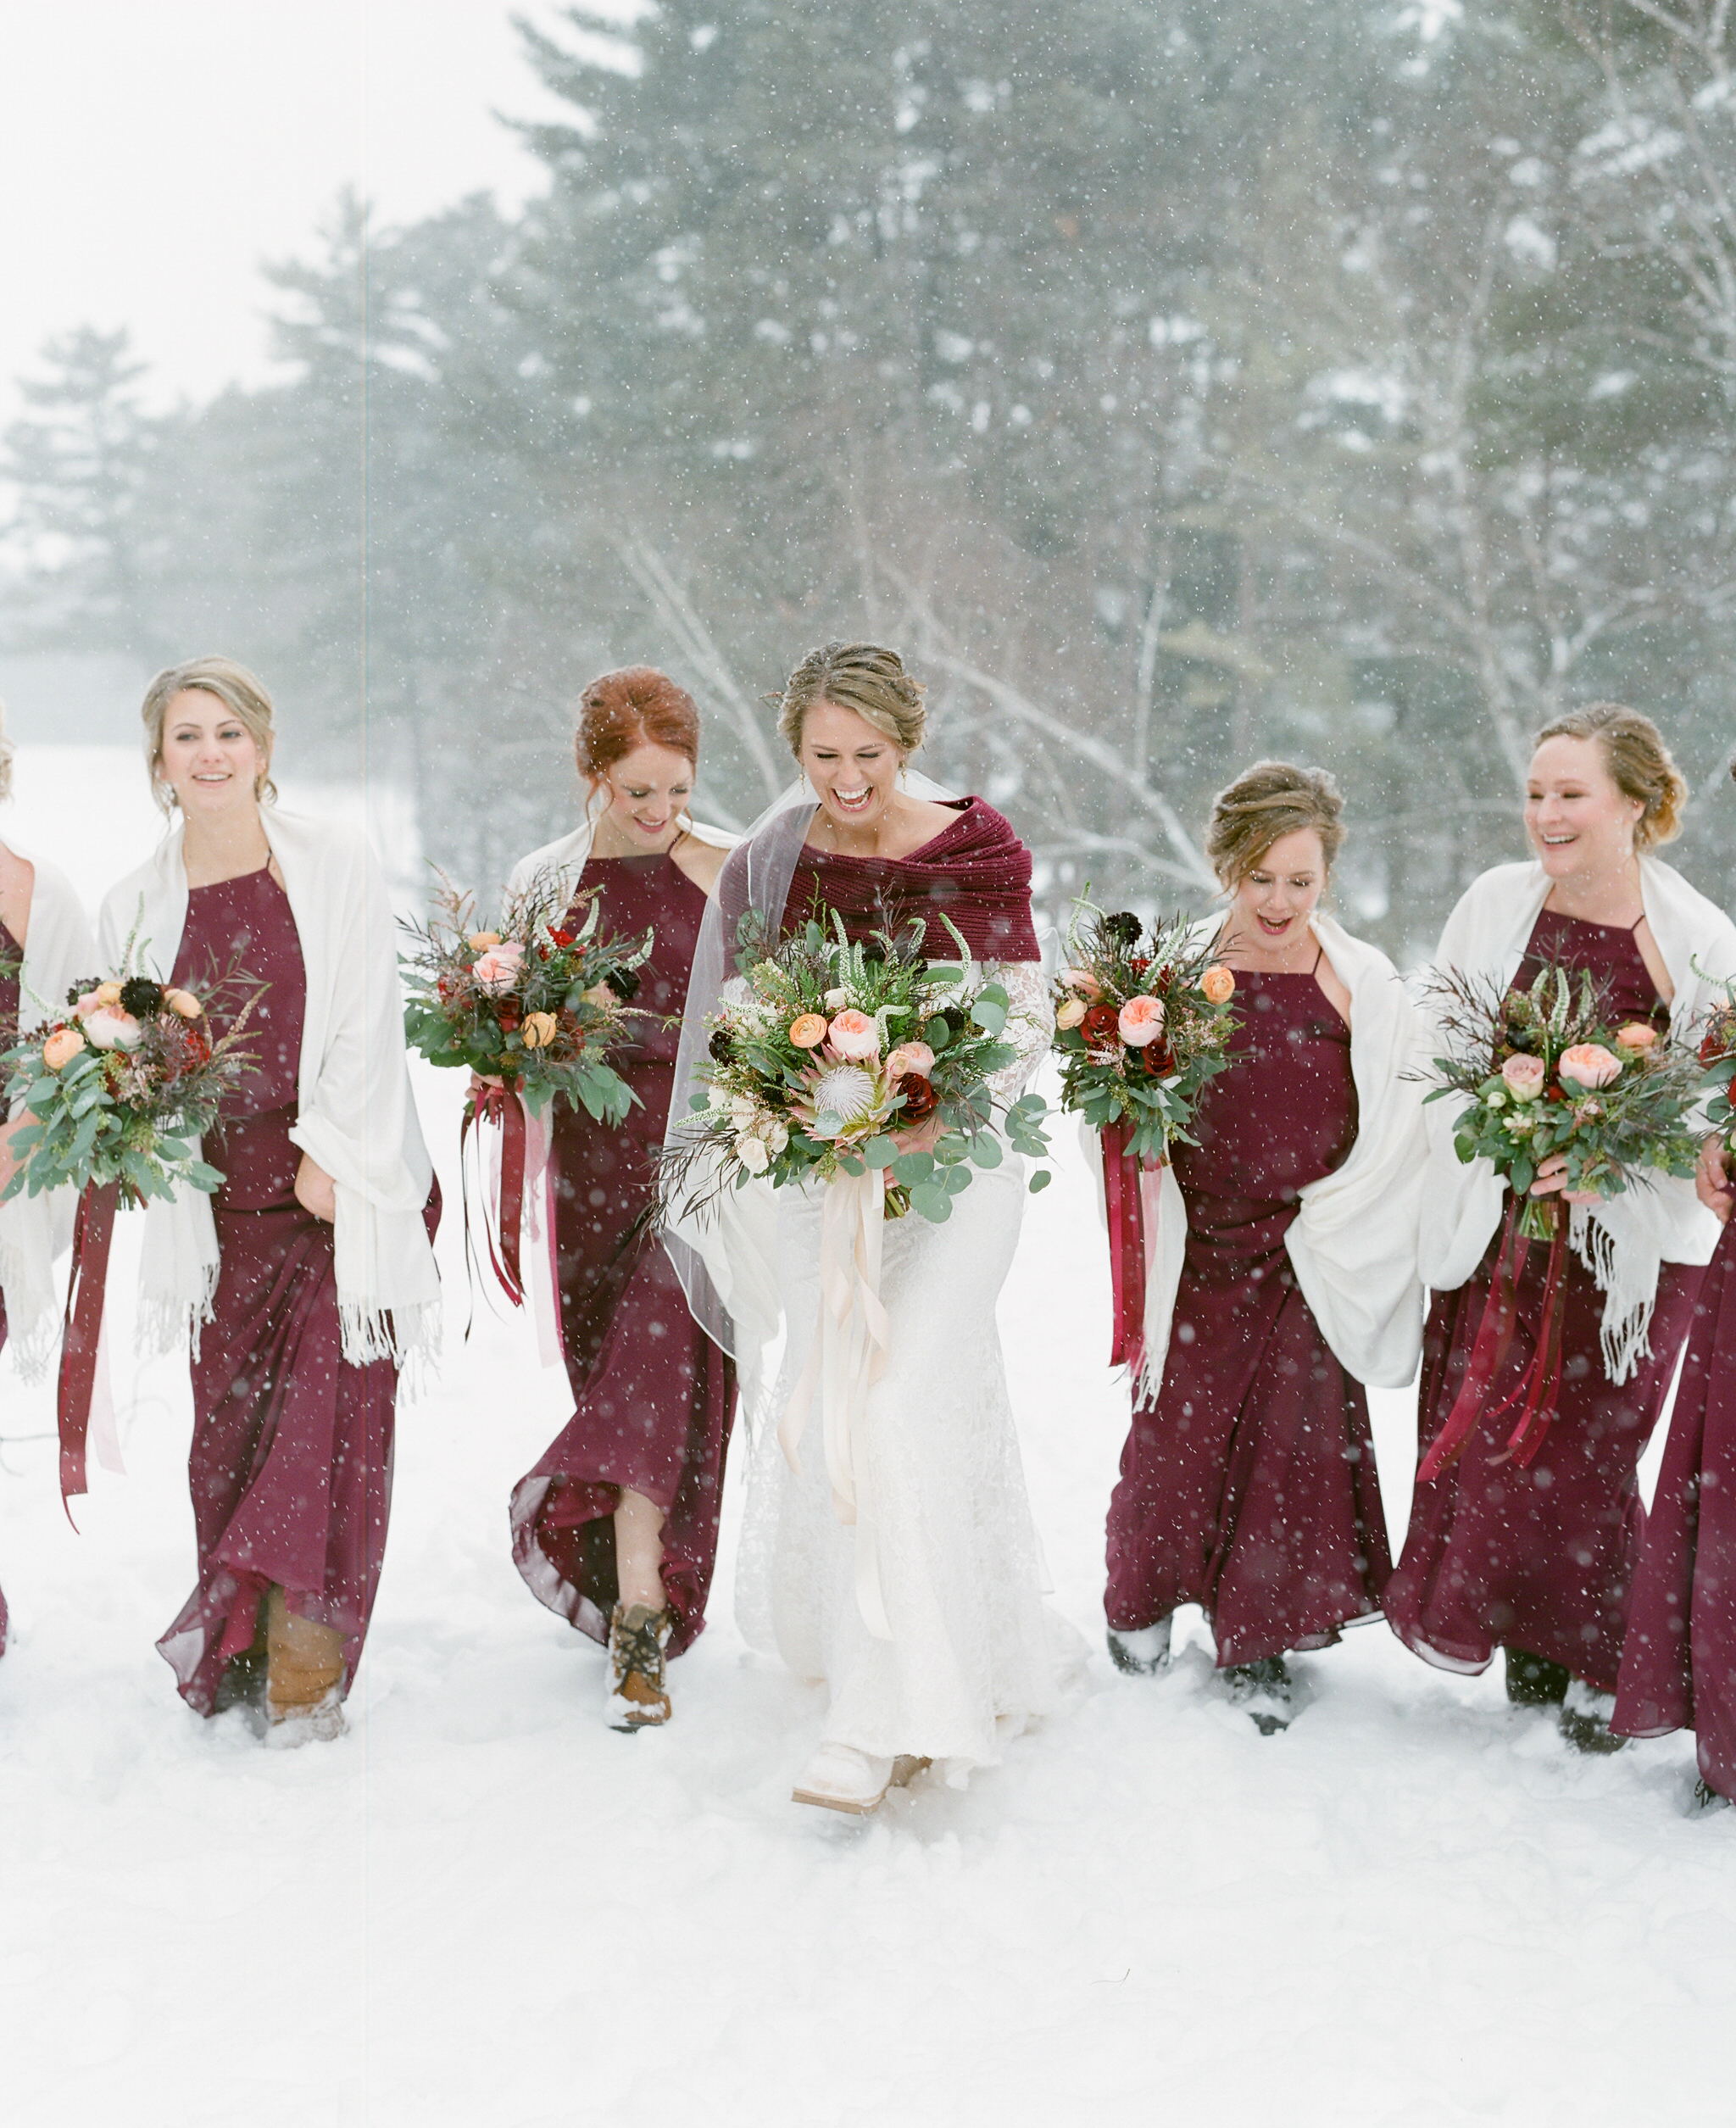 196-rothschild-pavilion-winter-wedding.jpg